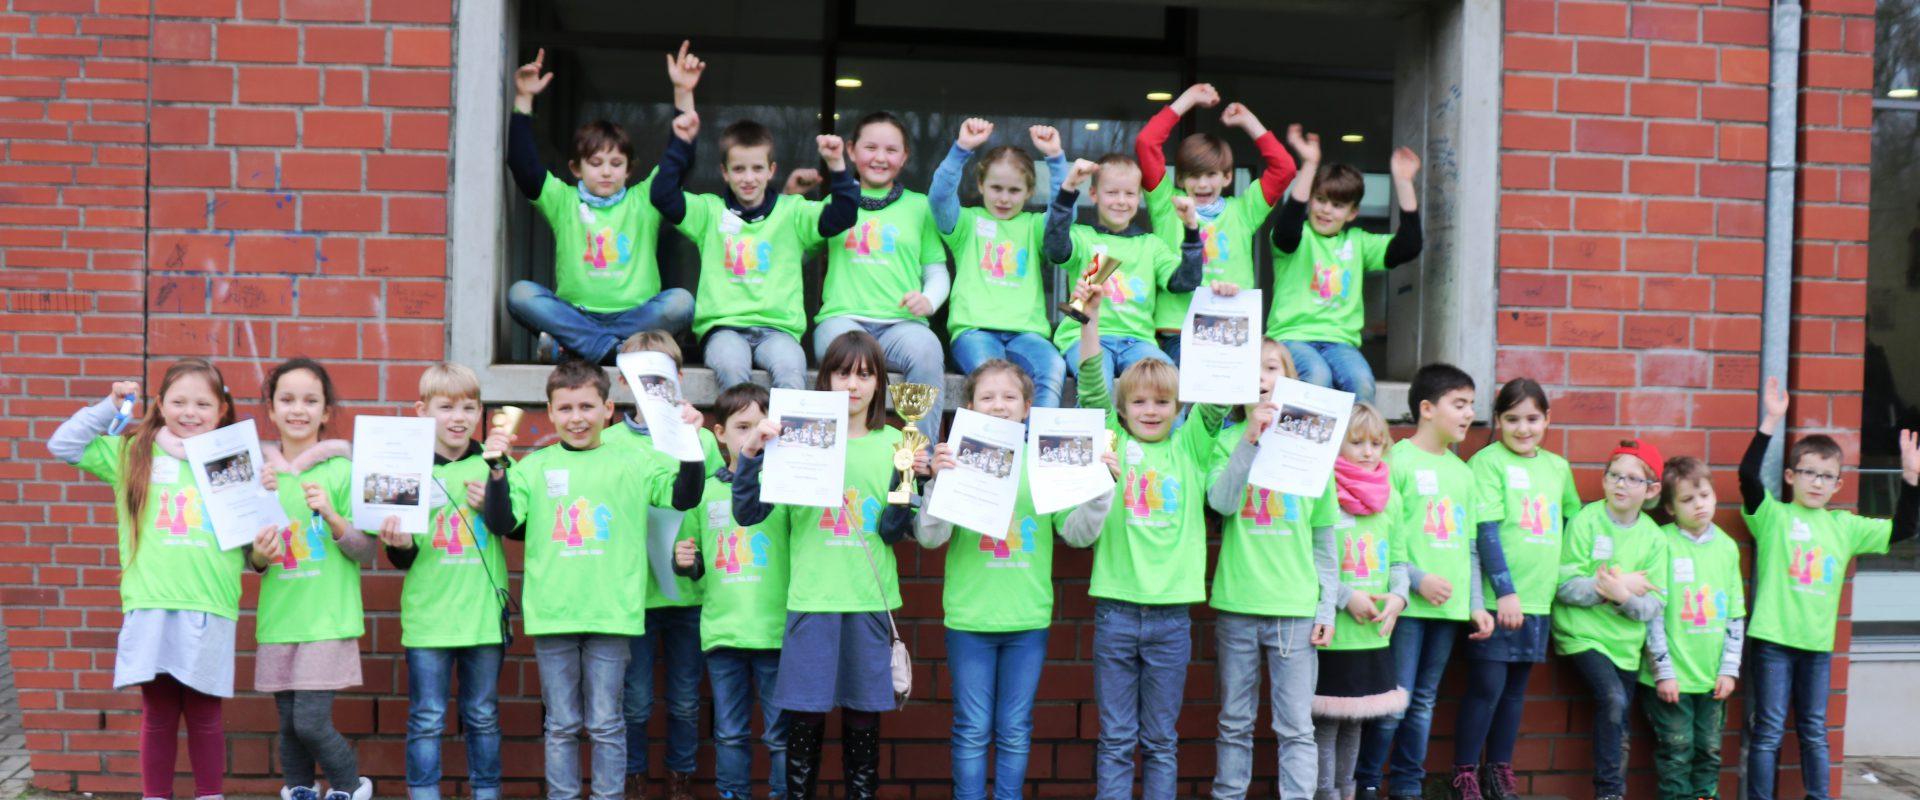 Permalink auf:Brüder-Grimm-Schule gewinnt Schachpokal in Kalkar